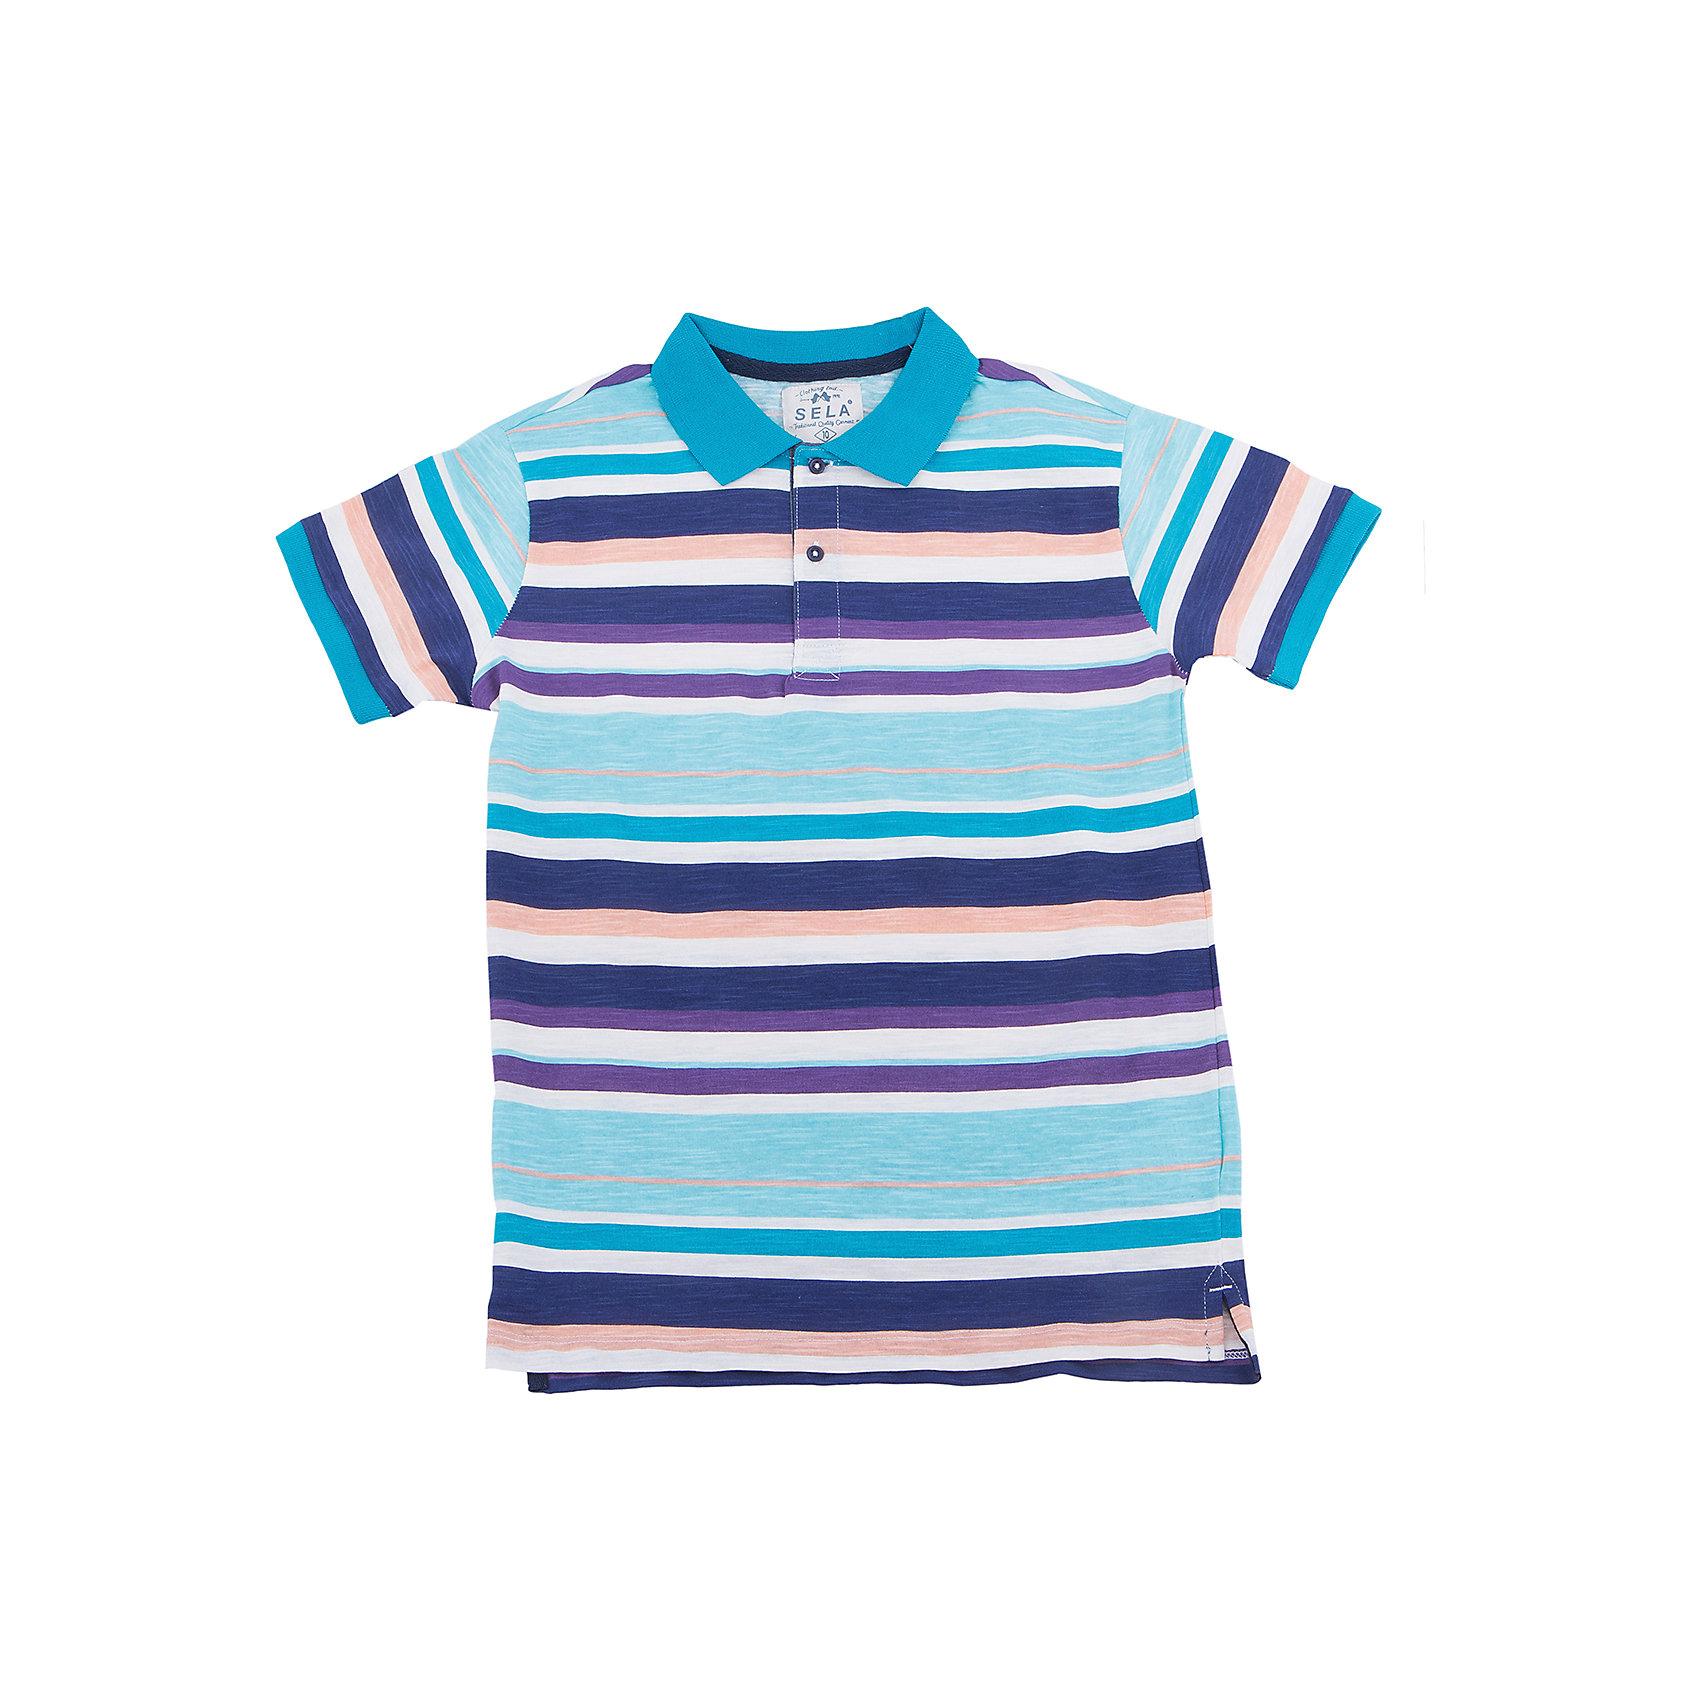 Футболка-поло для мальчика SELAФутболки, поло и топы<br>Характеристики товара:<br><br>• цвет: голубой<br>• состав: 100% хлопок<br>• сезон: лето<br>• рукава короткие<br>• округлый горловой вырез<br>• страна бренда: Россия<br><br>Вещи из новой коллекции SELA продолжают радовать удобством! Эта рубашка для мальчика поможет разнообразить гардероб ребенка и обеспечить комфорт. Она отлично сочетается с шортами и брюками. Стильная и удобная вещь!<br><br>Одежда, обувь и аксессуары от российского бренда SELA не зря пользуются большой популярностью у детей и взрослых! Модели этой марки - стильные и удобные, цена при этом неизменно остается доступной. Для их производства используются только безопасные, качественные материалы и фурнитура. Новая коллекция поддерживает хорошие традиции бренда! <br><br>Рубашку для мальчика от популярного бренда SELA (СЕЛА) можно купить в нашем интернет-магазине.<br><br>Ширина мм: 174<br>Глубина мм: 10<br>Высота мм: 169<br>Вес г: 157<br>Цвет: голубой<br>Возраст от месяцев: 108<br>Возраст до месяцев: 120<br>Пол: Мужской<br>Возраст: Детский<br>Размер: 140,134,128,122,152,146<br>SKU: 5304760